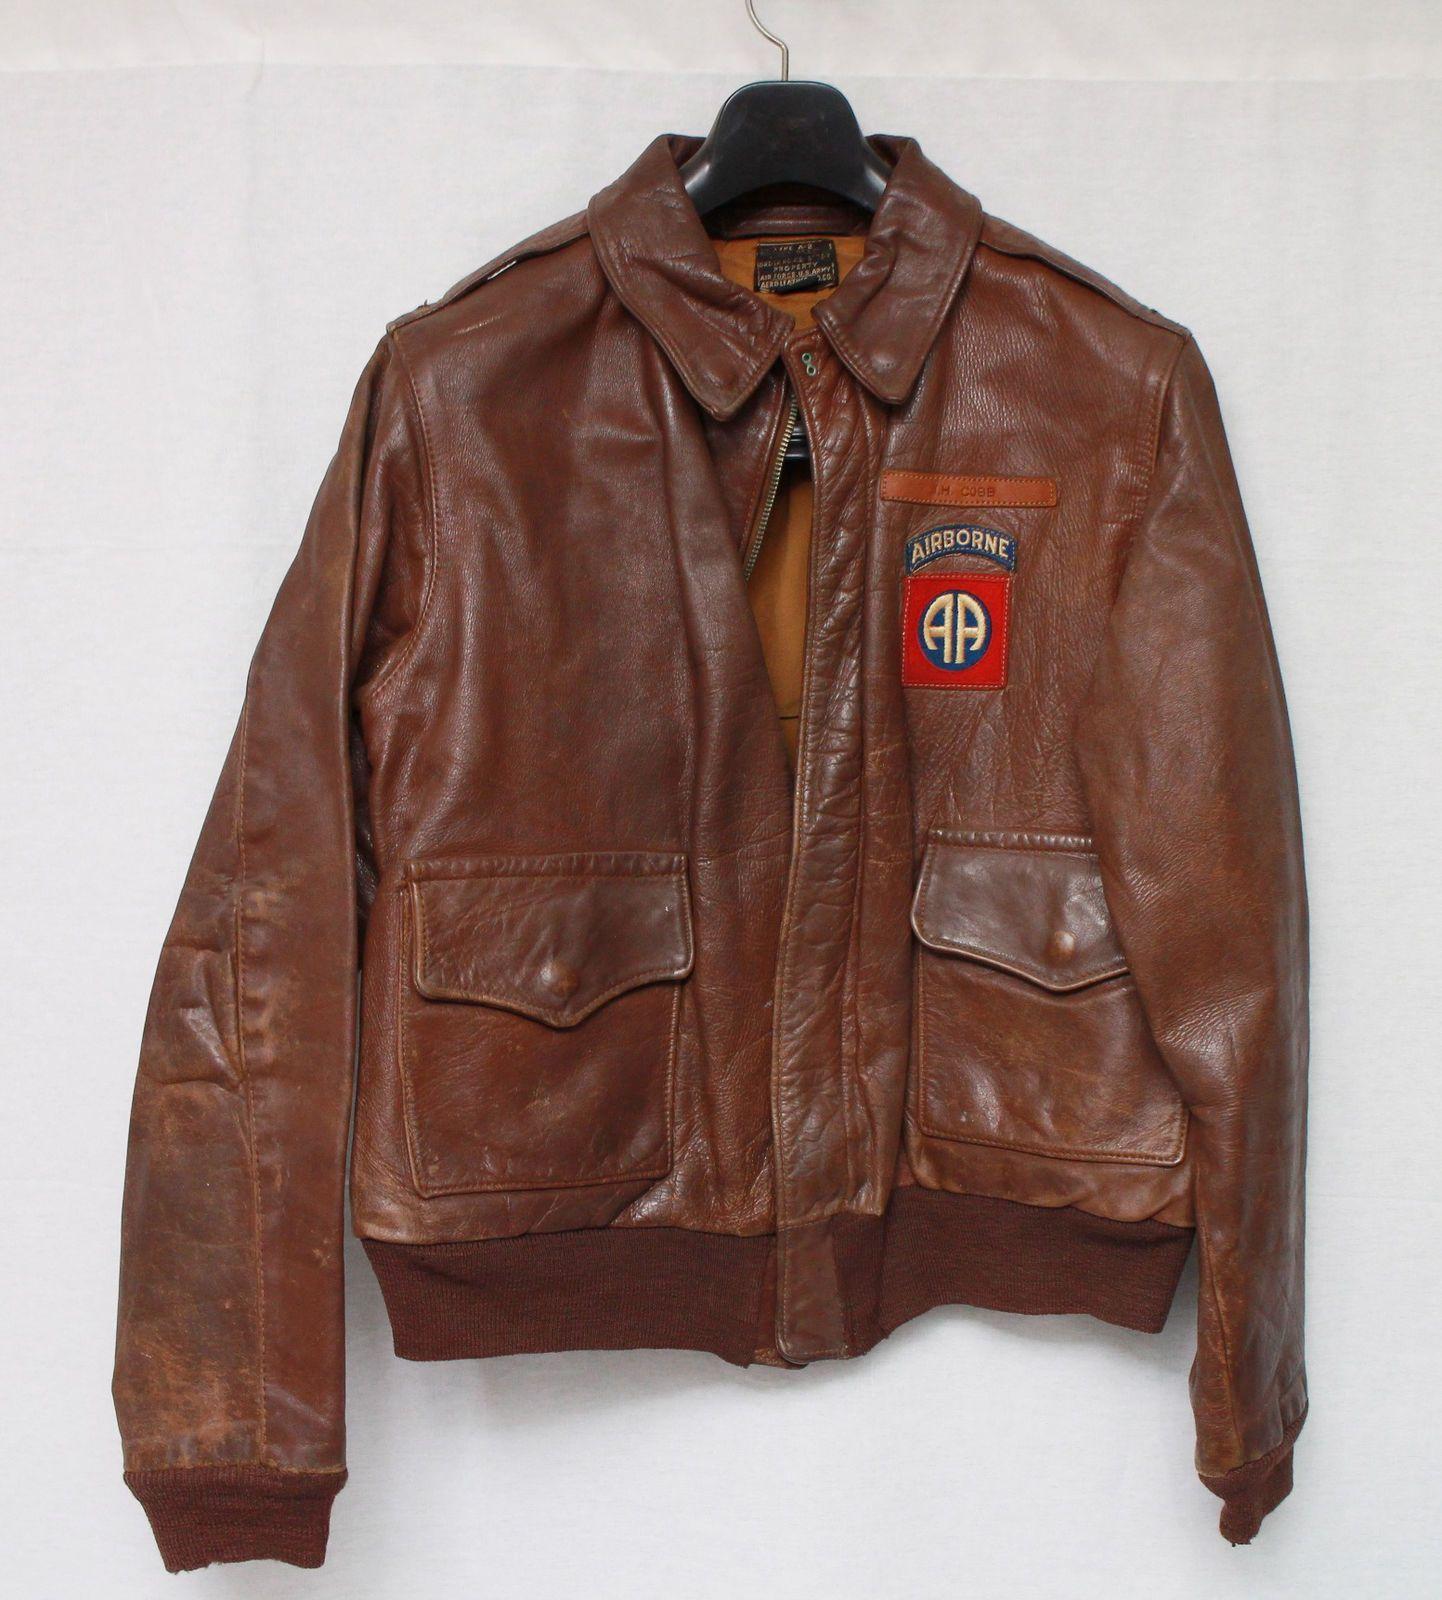 Original Aero A 2 Leather Flight Jacket Jackets Flight Jacket [ 1600 x 1442 Pixel ]